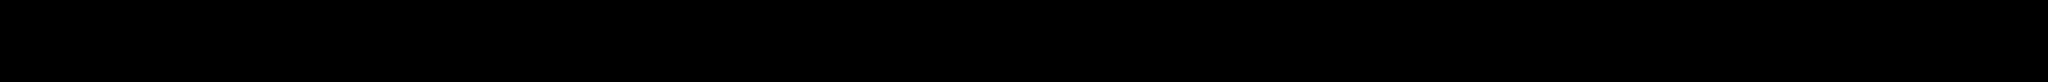 VALEO 3R1941754, 3R1941754A, 3R1941754B, 3R1941754D, 3R1941754E Faro anteriore